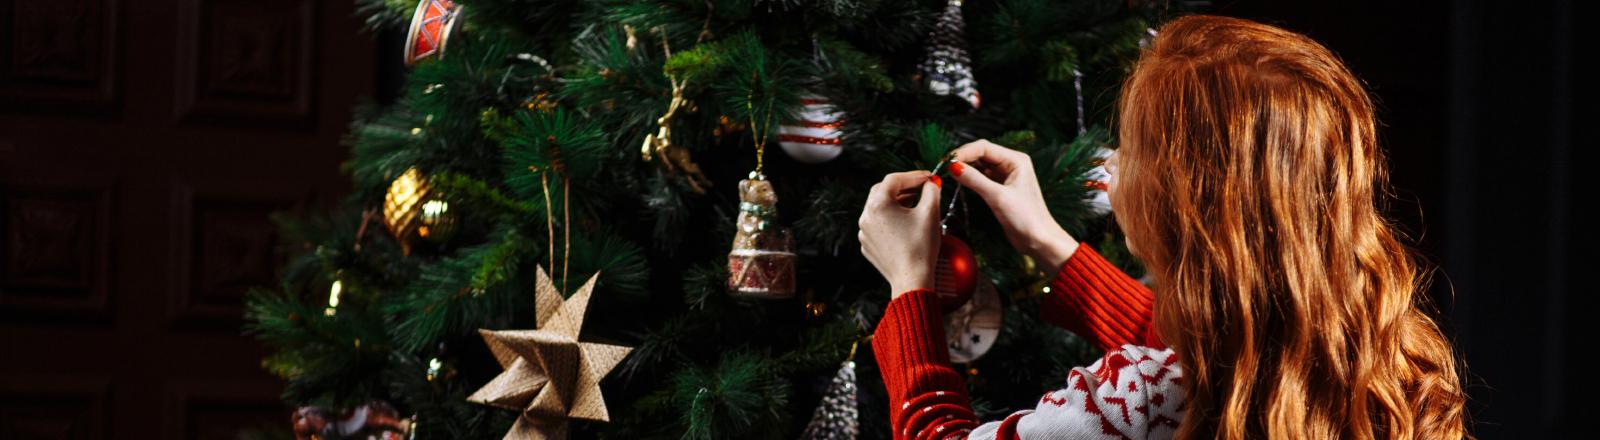 Eine Frau schmückt einen Weihnachtsbaum